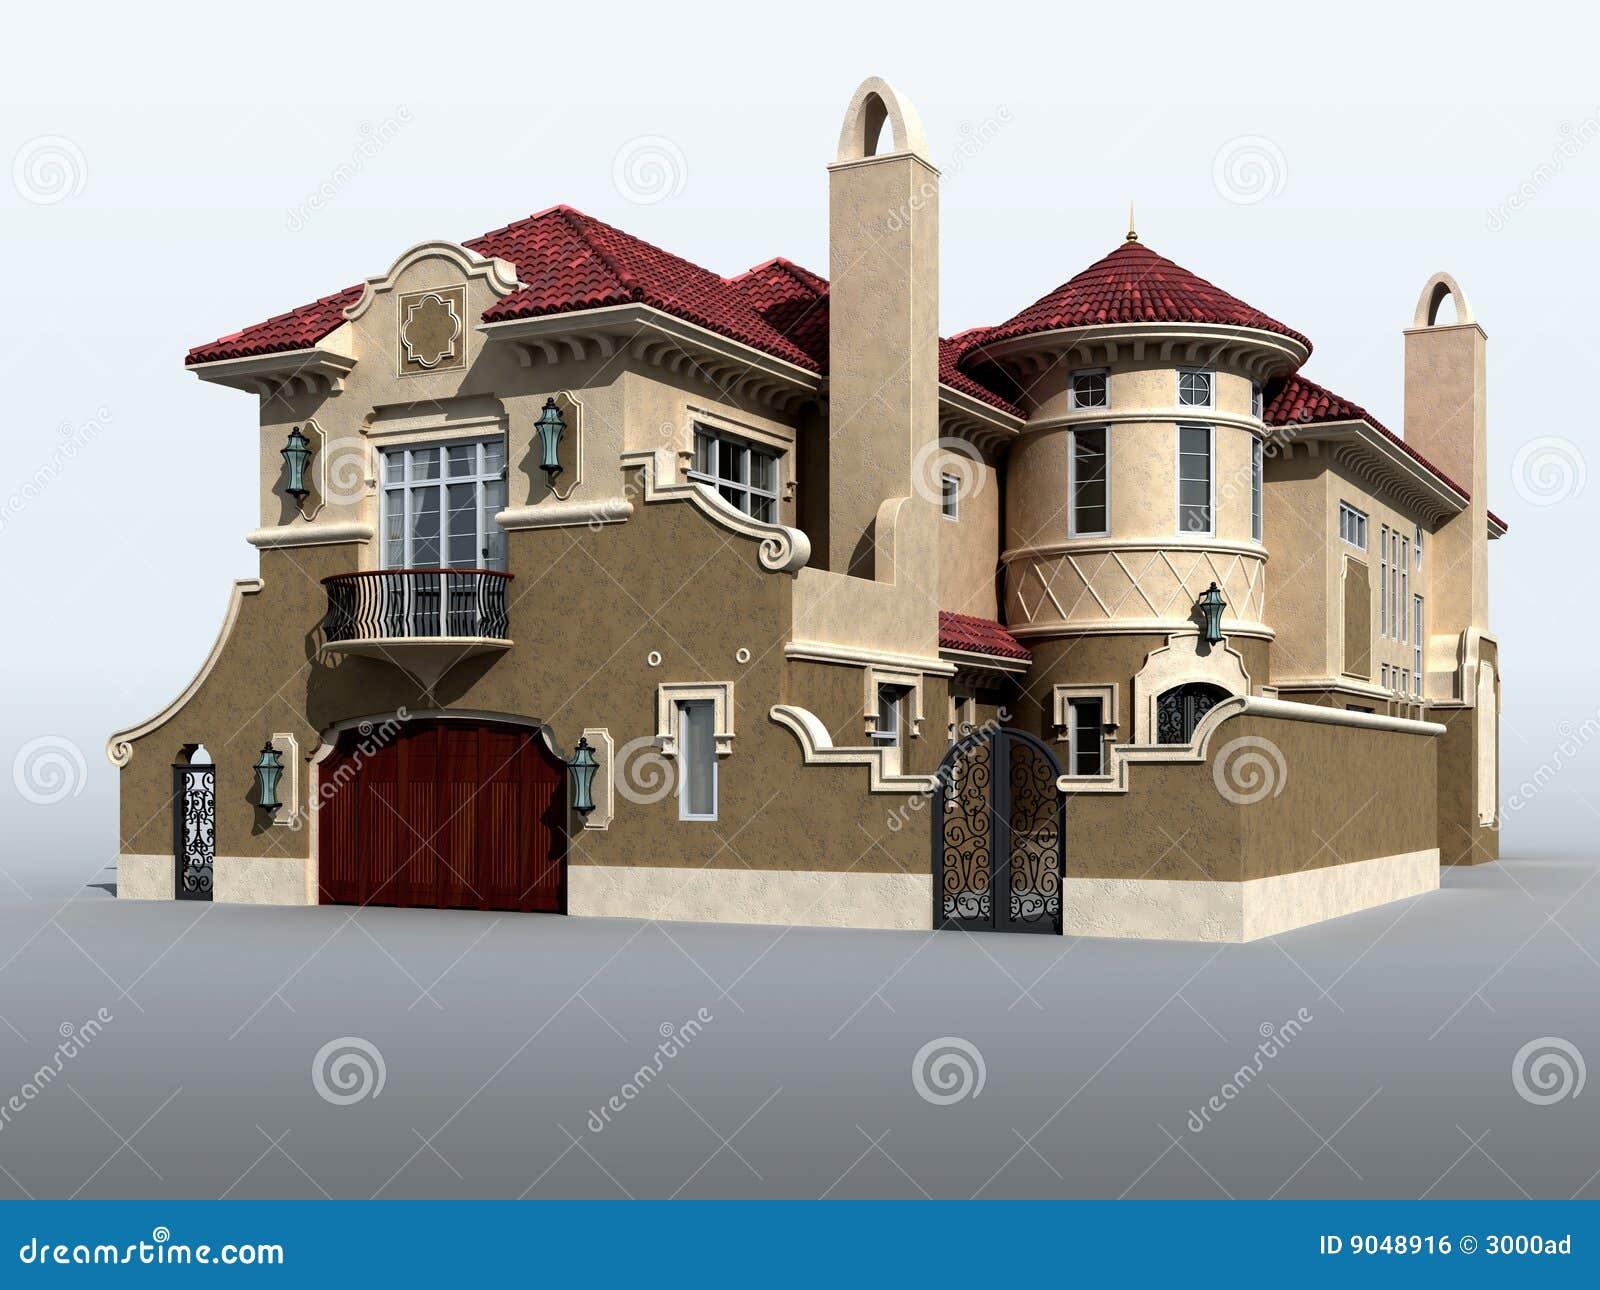 Modelo 3d da casa de campo italiana luxuosa imagem de for Villa italia modelos